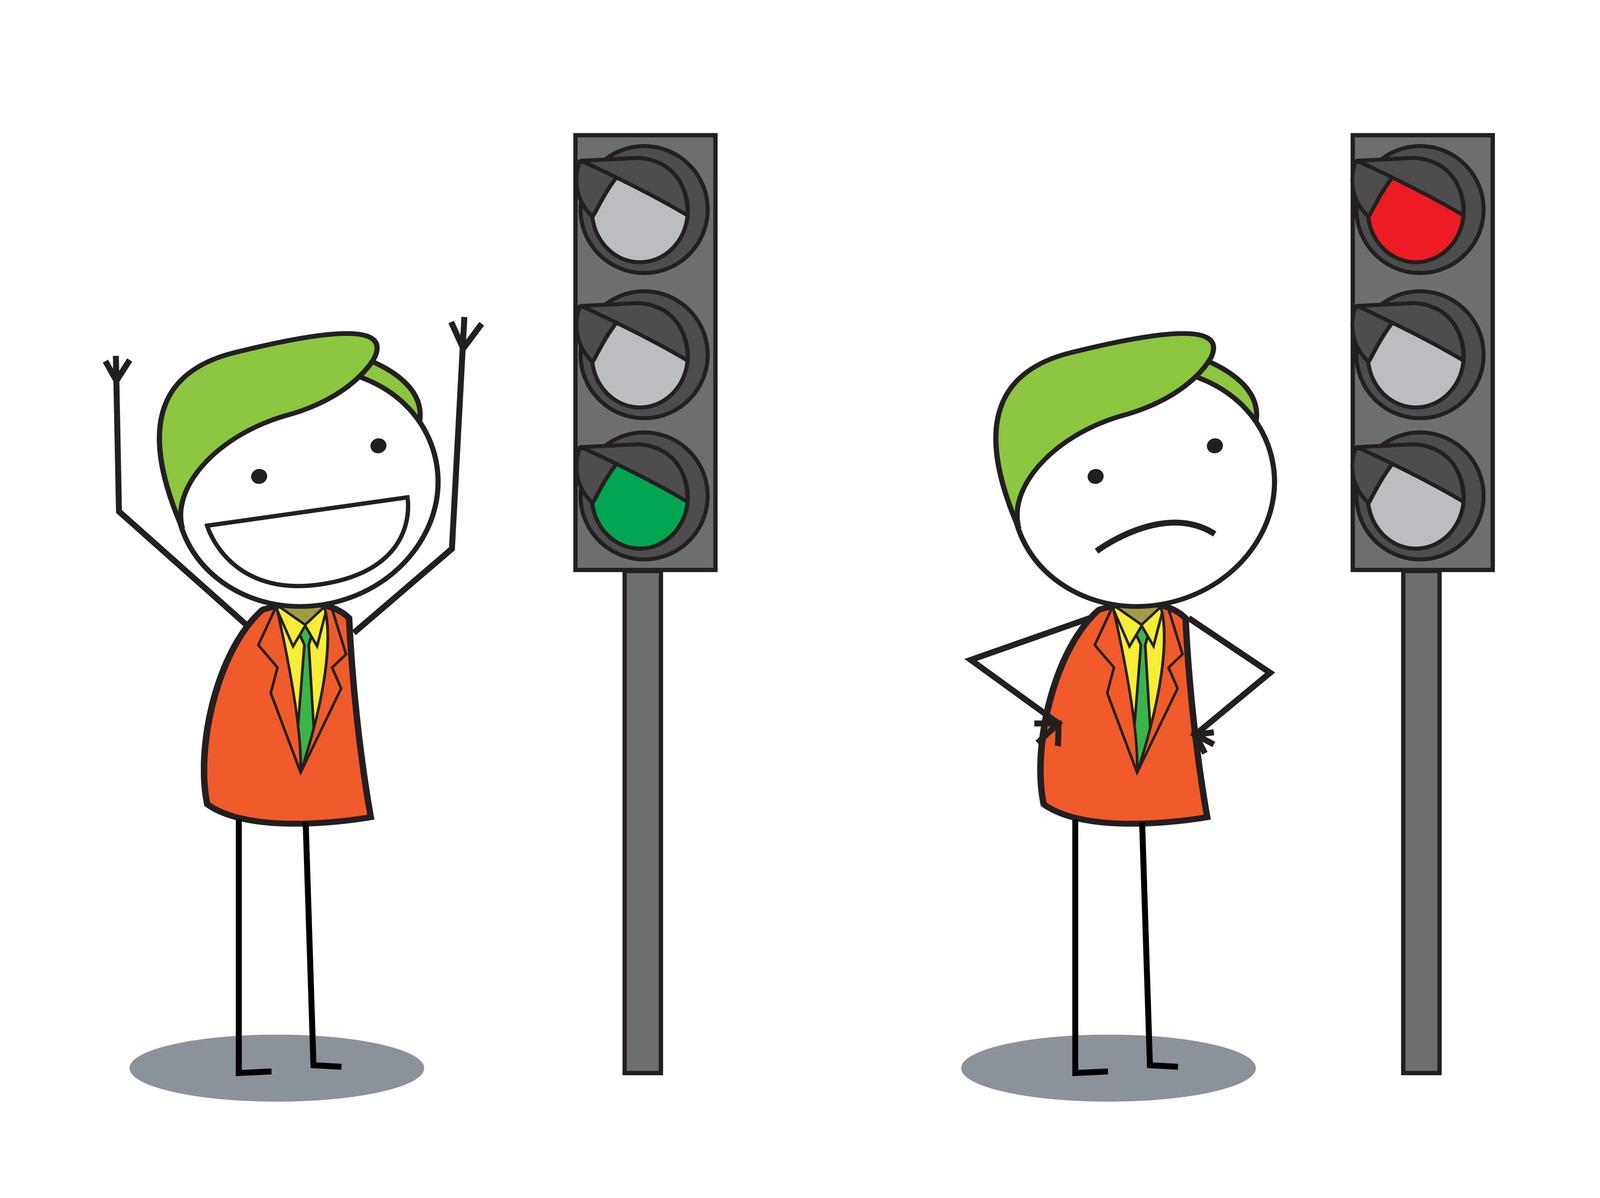 танцующие человечки со светофора картинки подборе текста, вносите